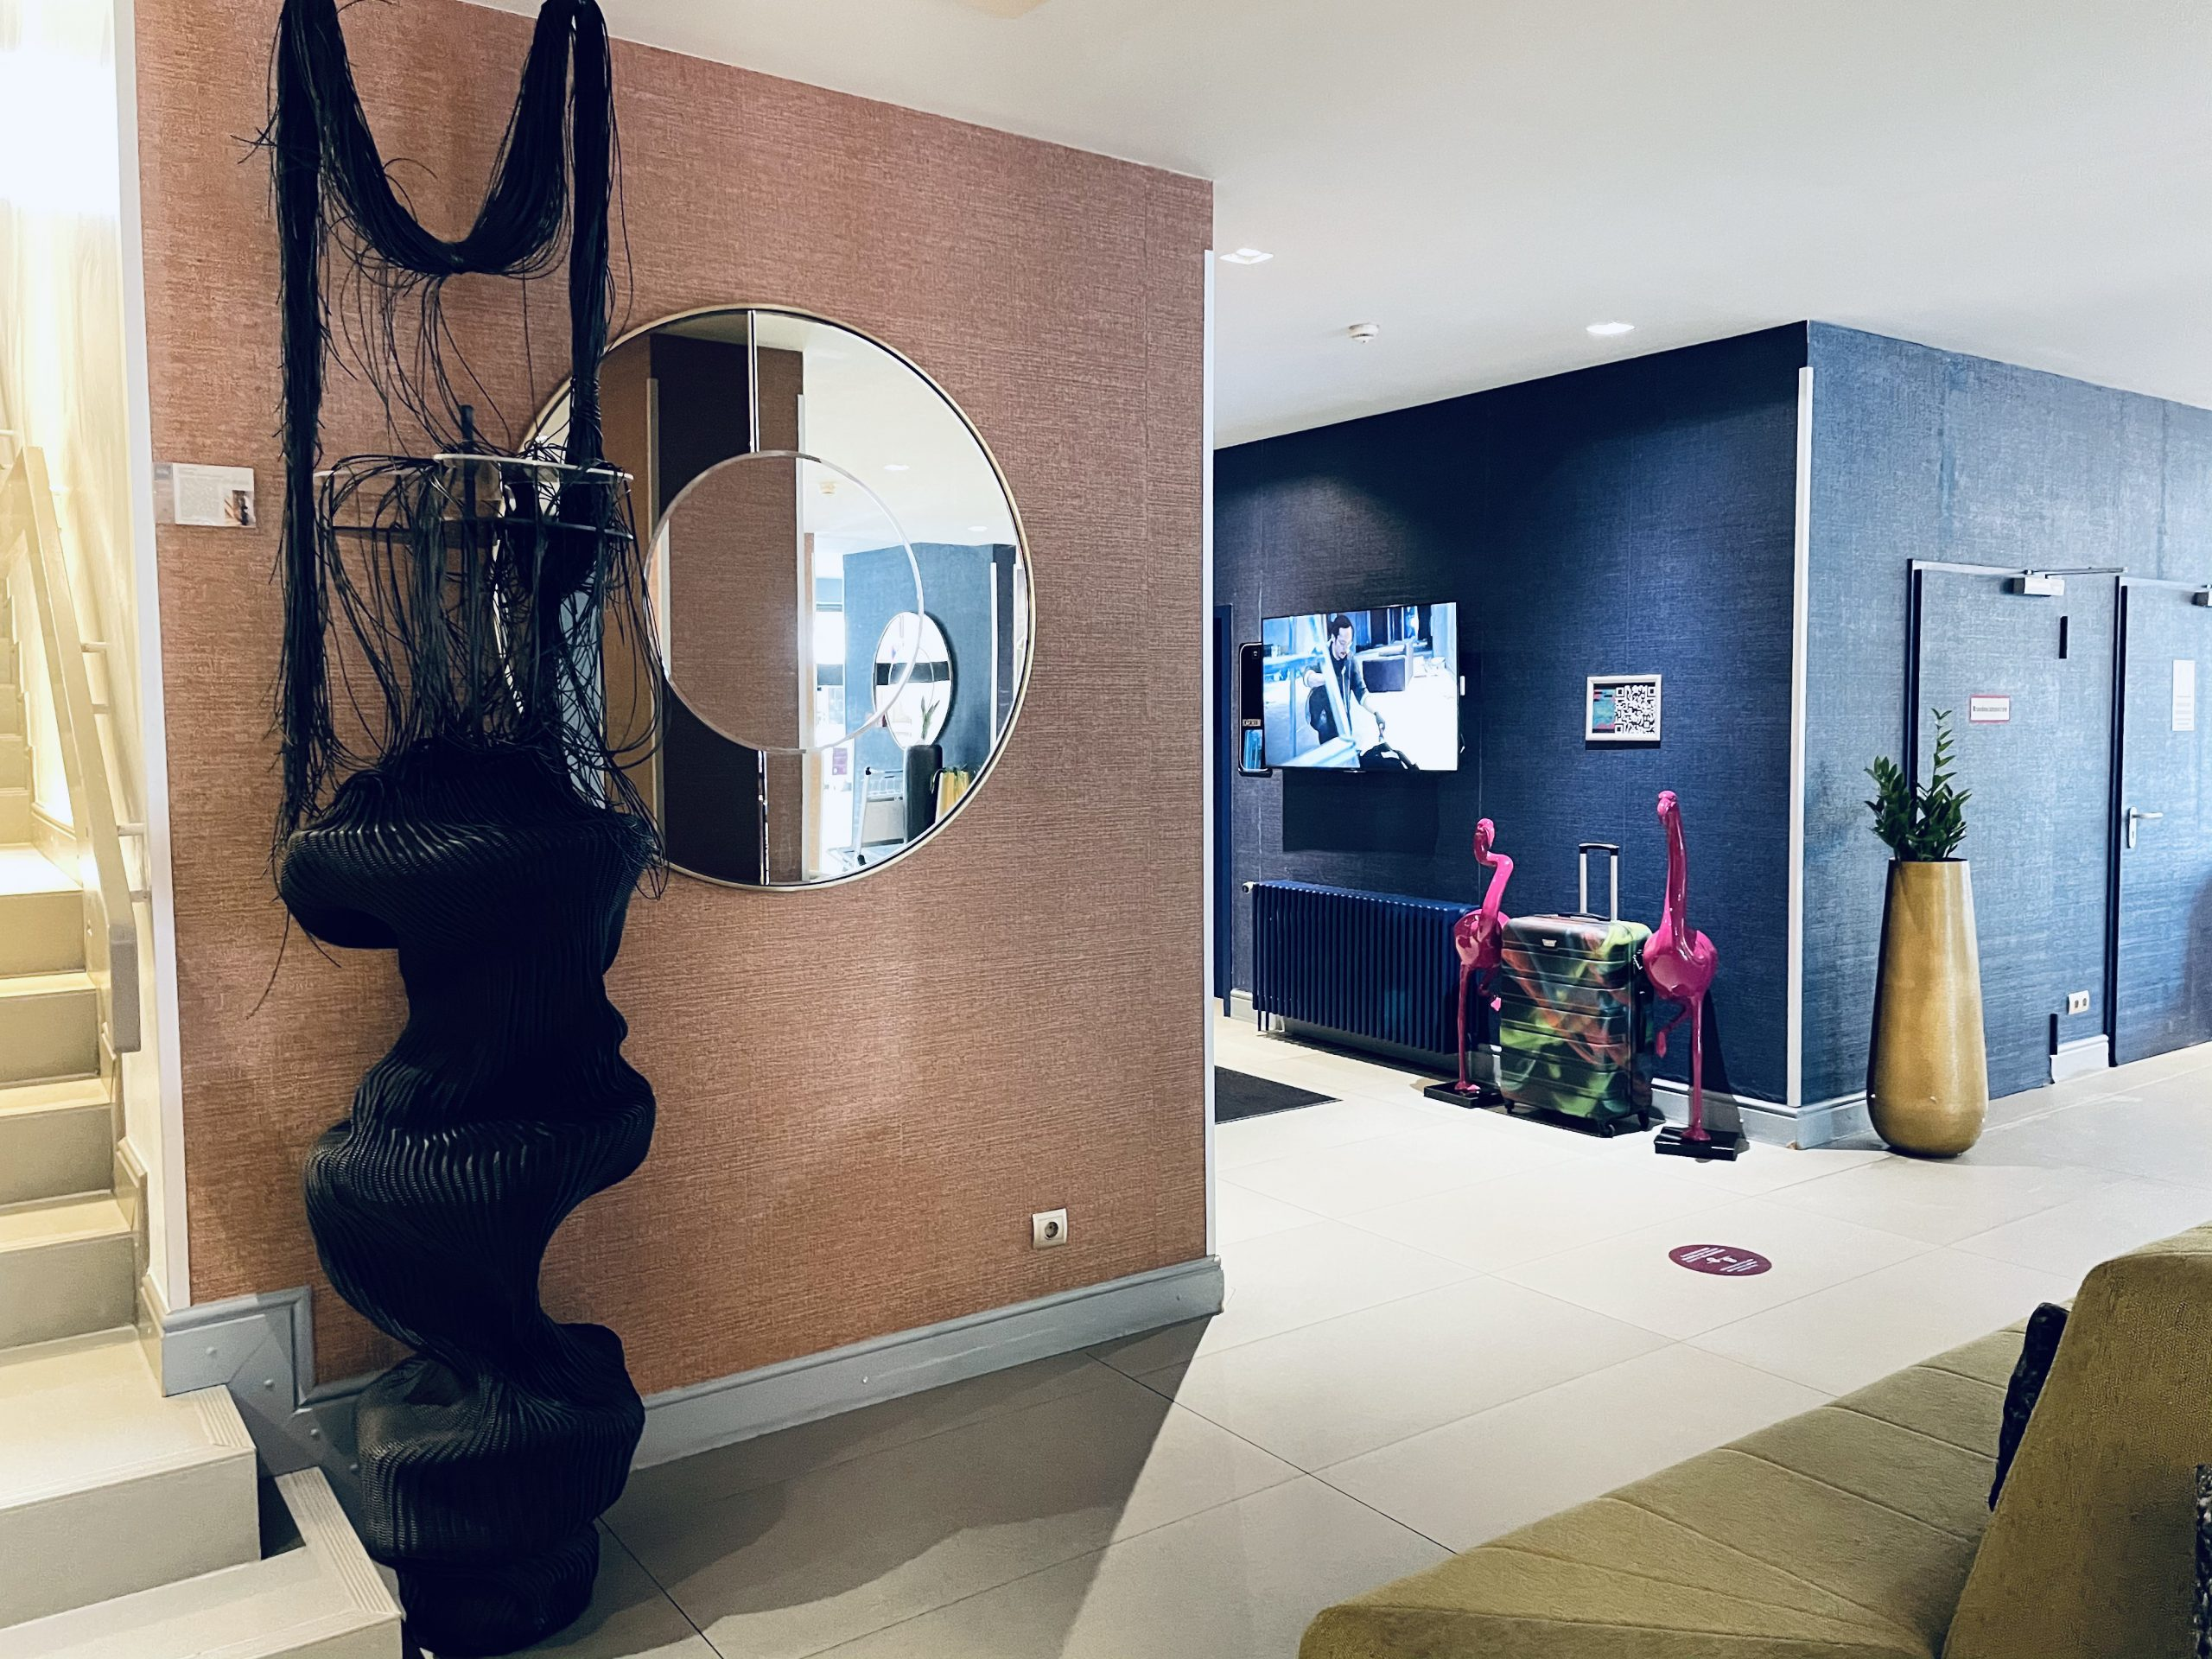 SUSANNE_THIEMANN_NYX Hotel Mannheim